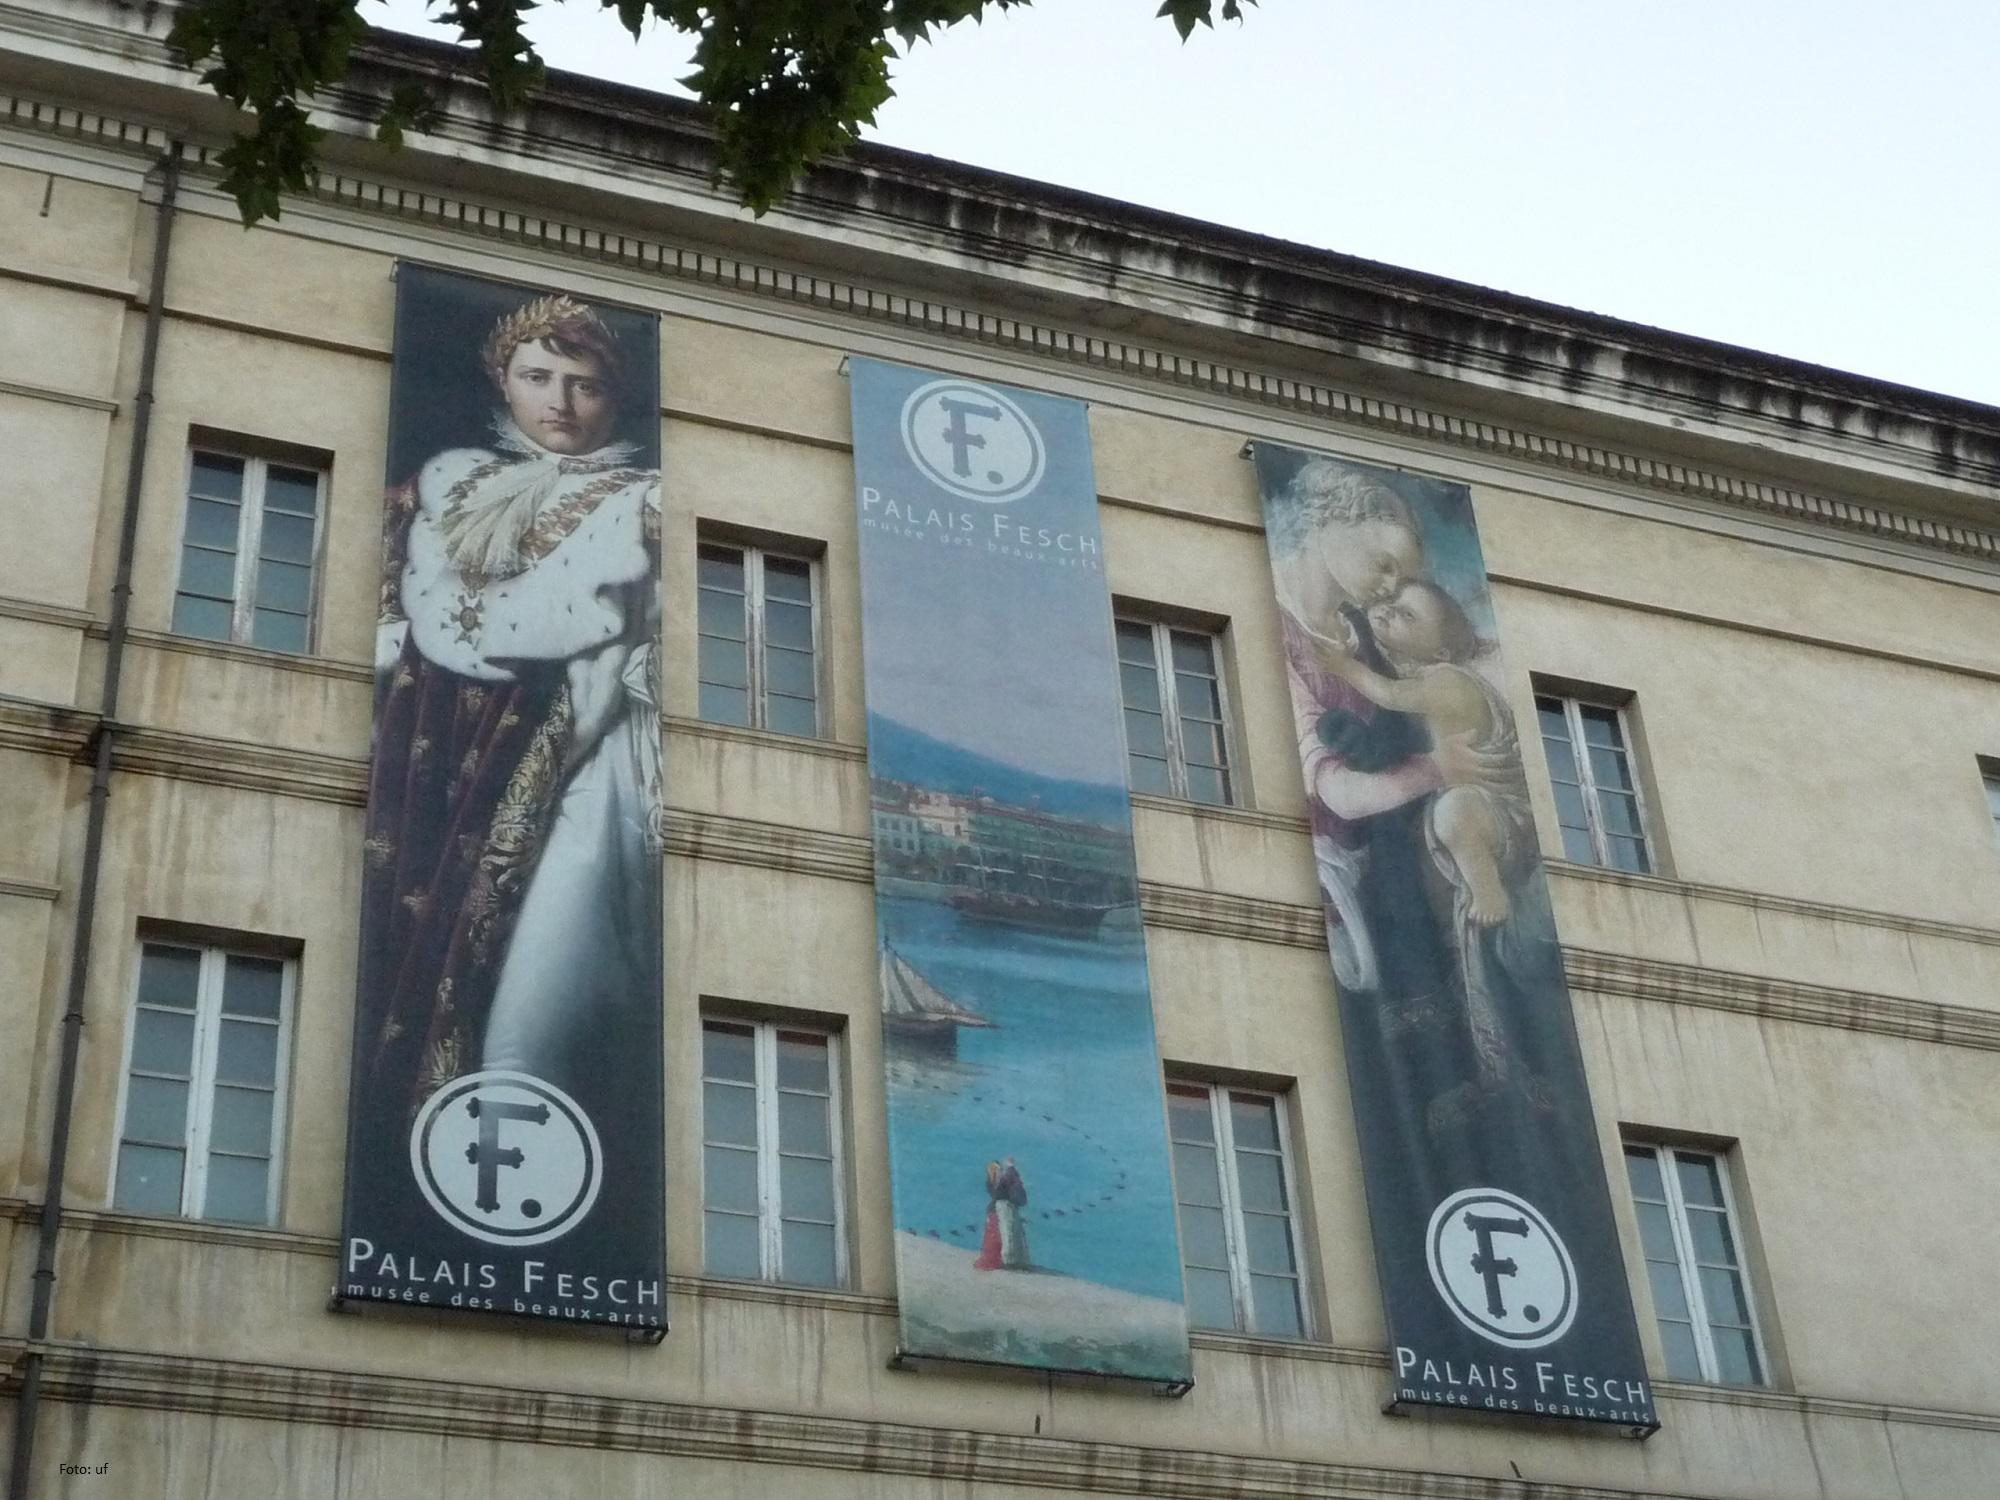 Gemäldesammlung - beinhaltet Kunstwerke u. a. früher italienischer Malerei